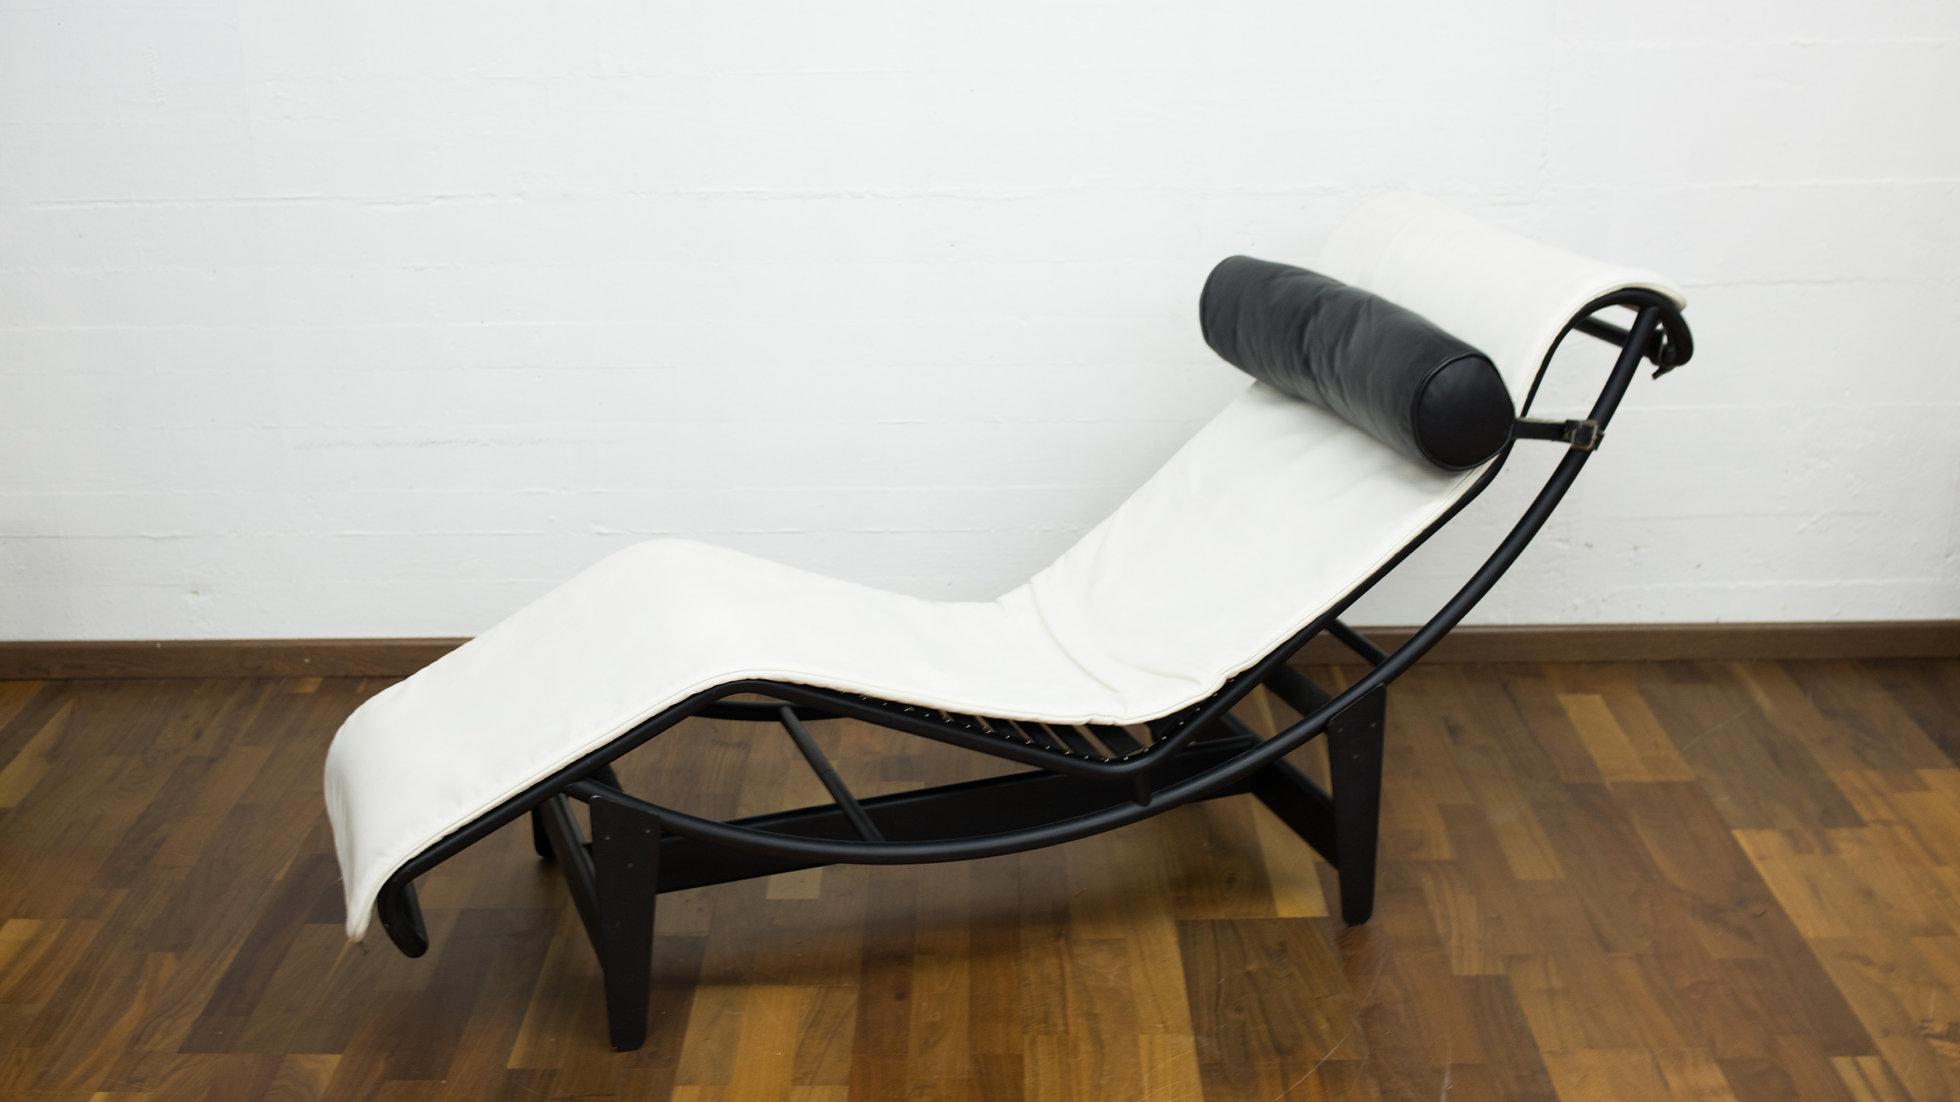 Chaise Le Cassina Corbusier Von Lc4 Longue gvYbf7I6y